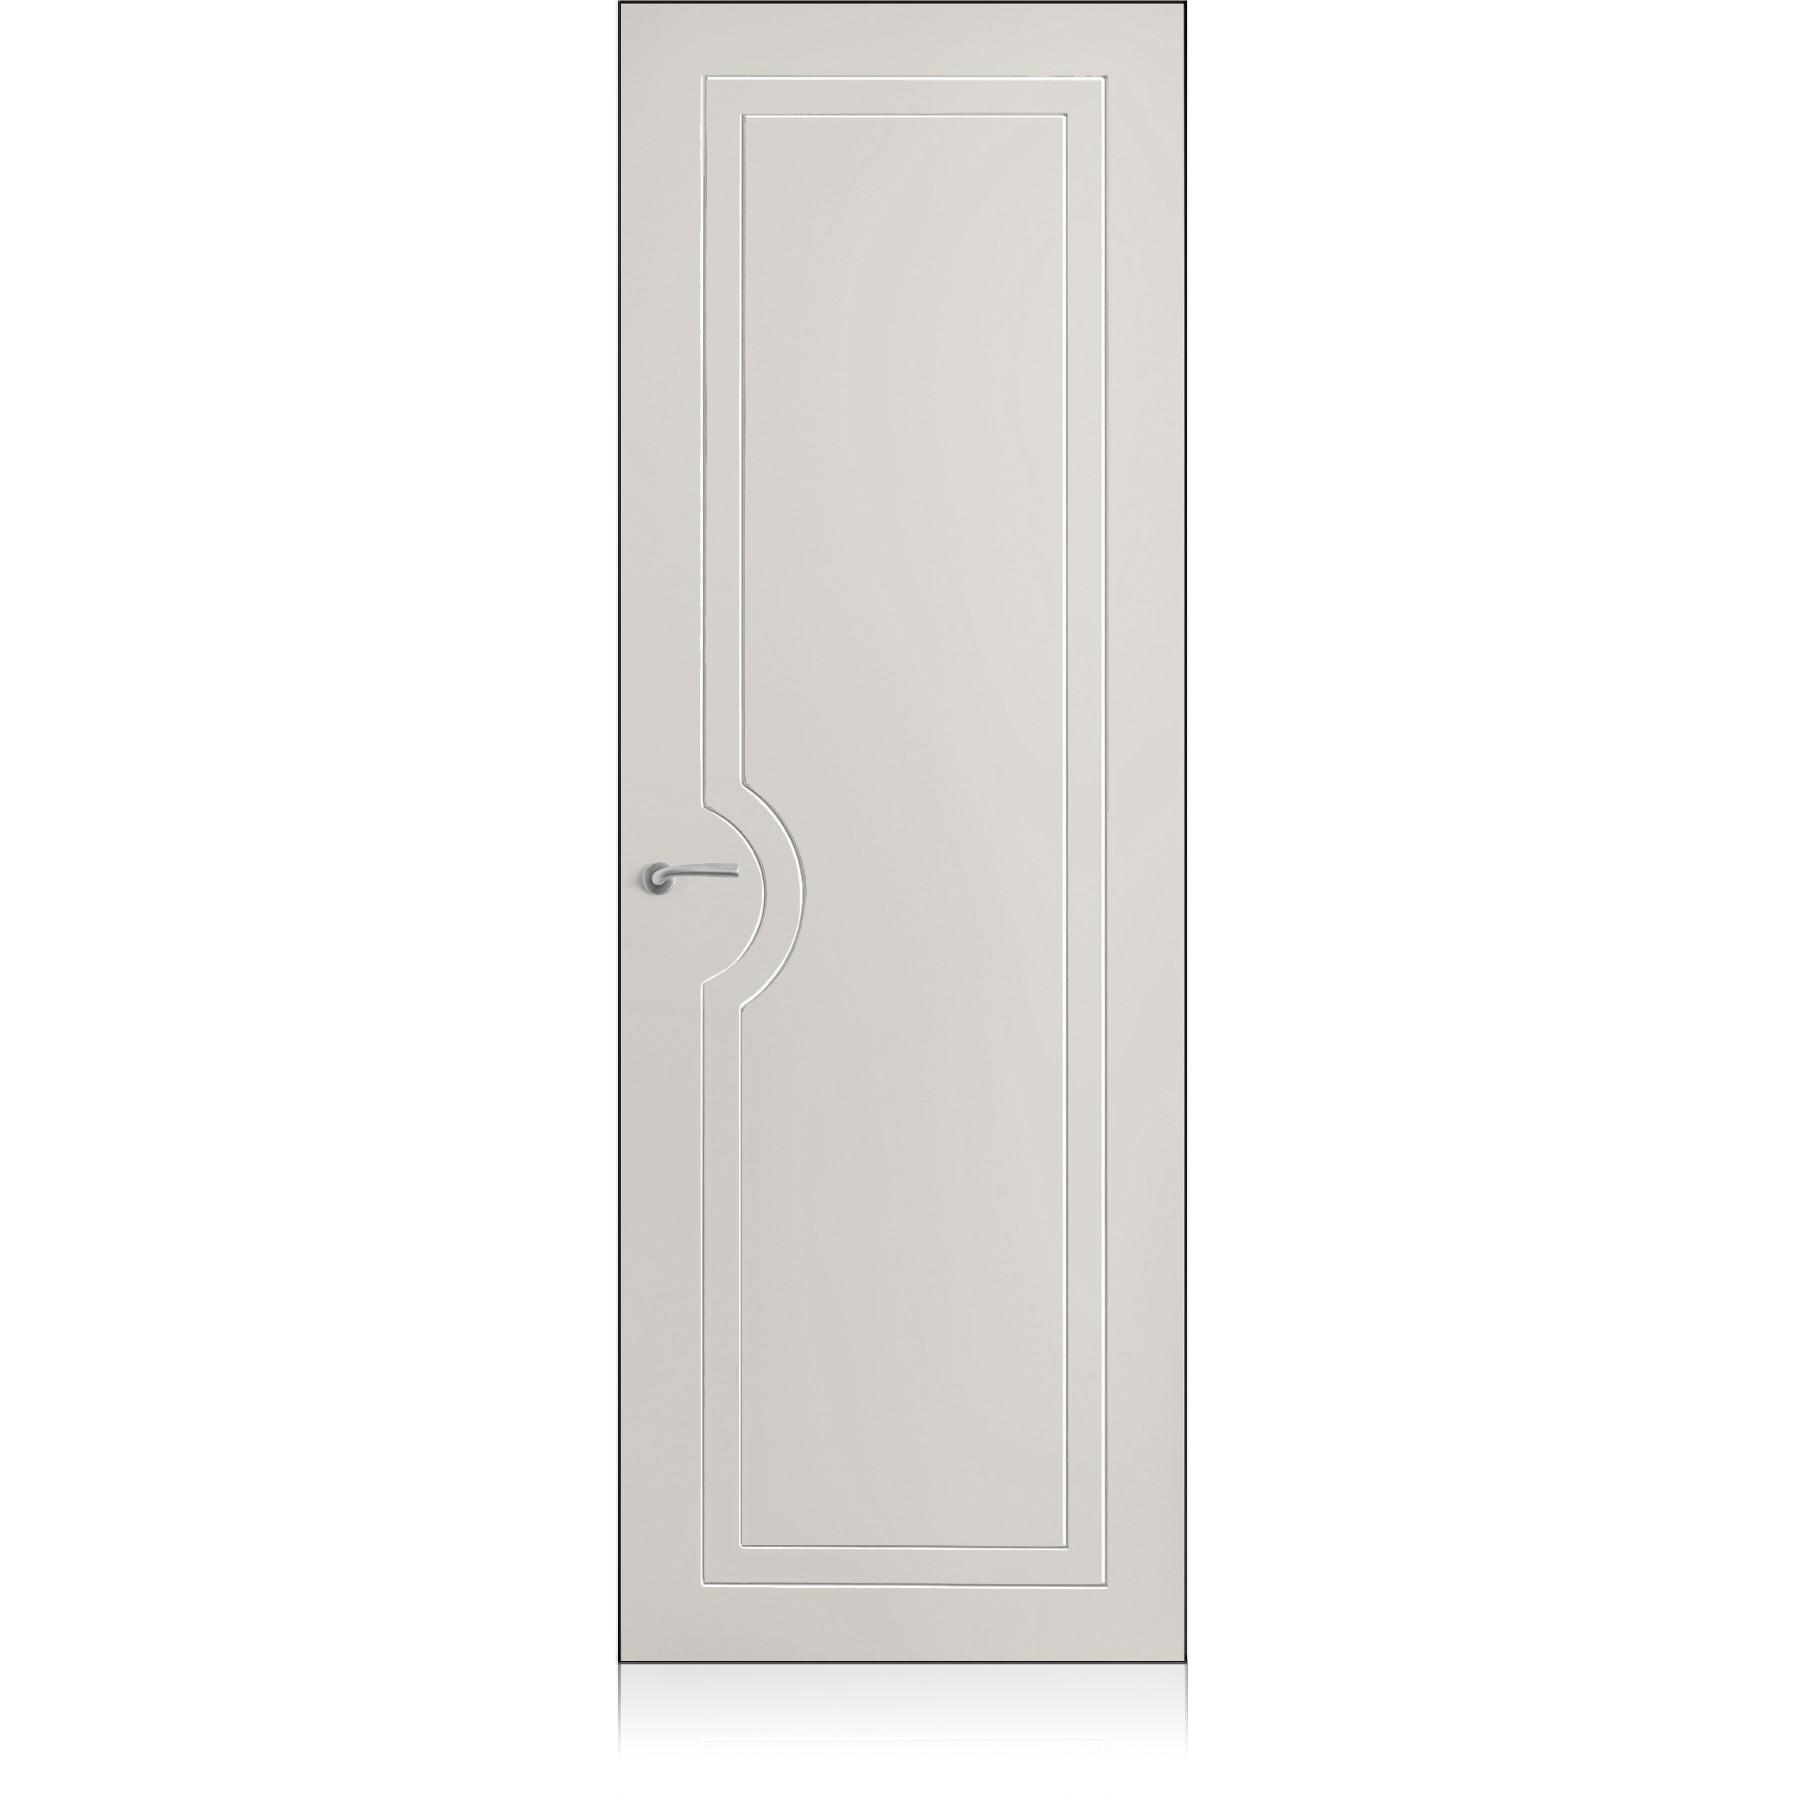 Yncisa/1 Zero Grigio Lux Laccato ULTRAopaco door